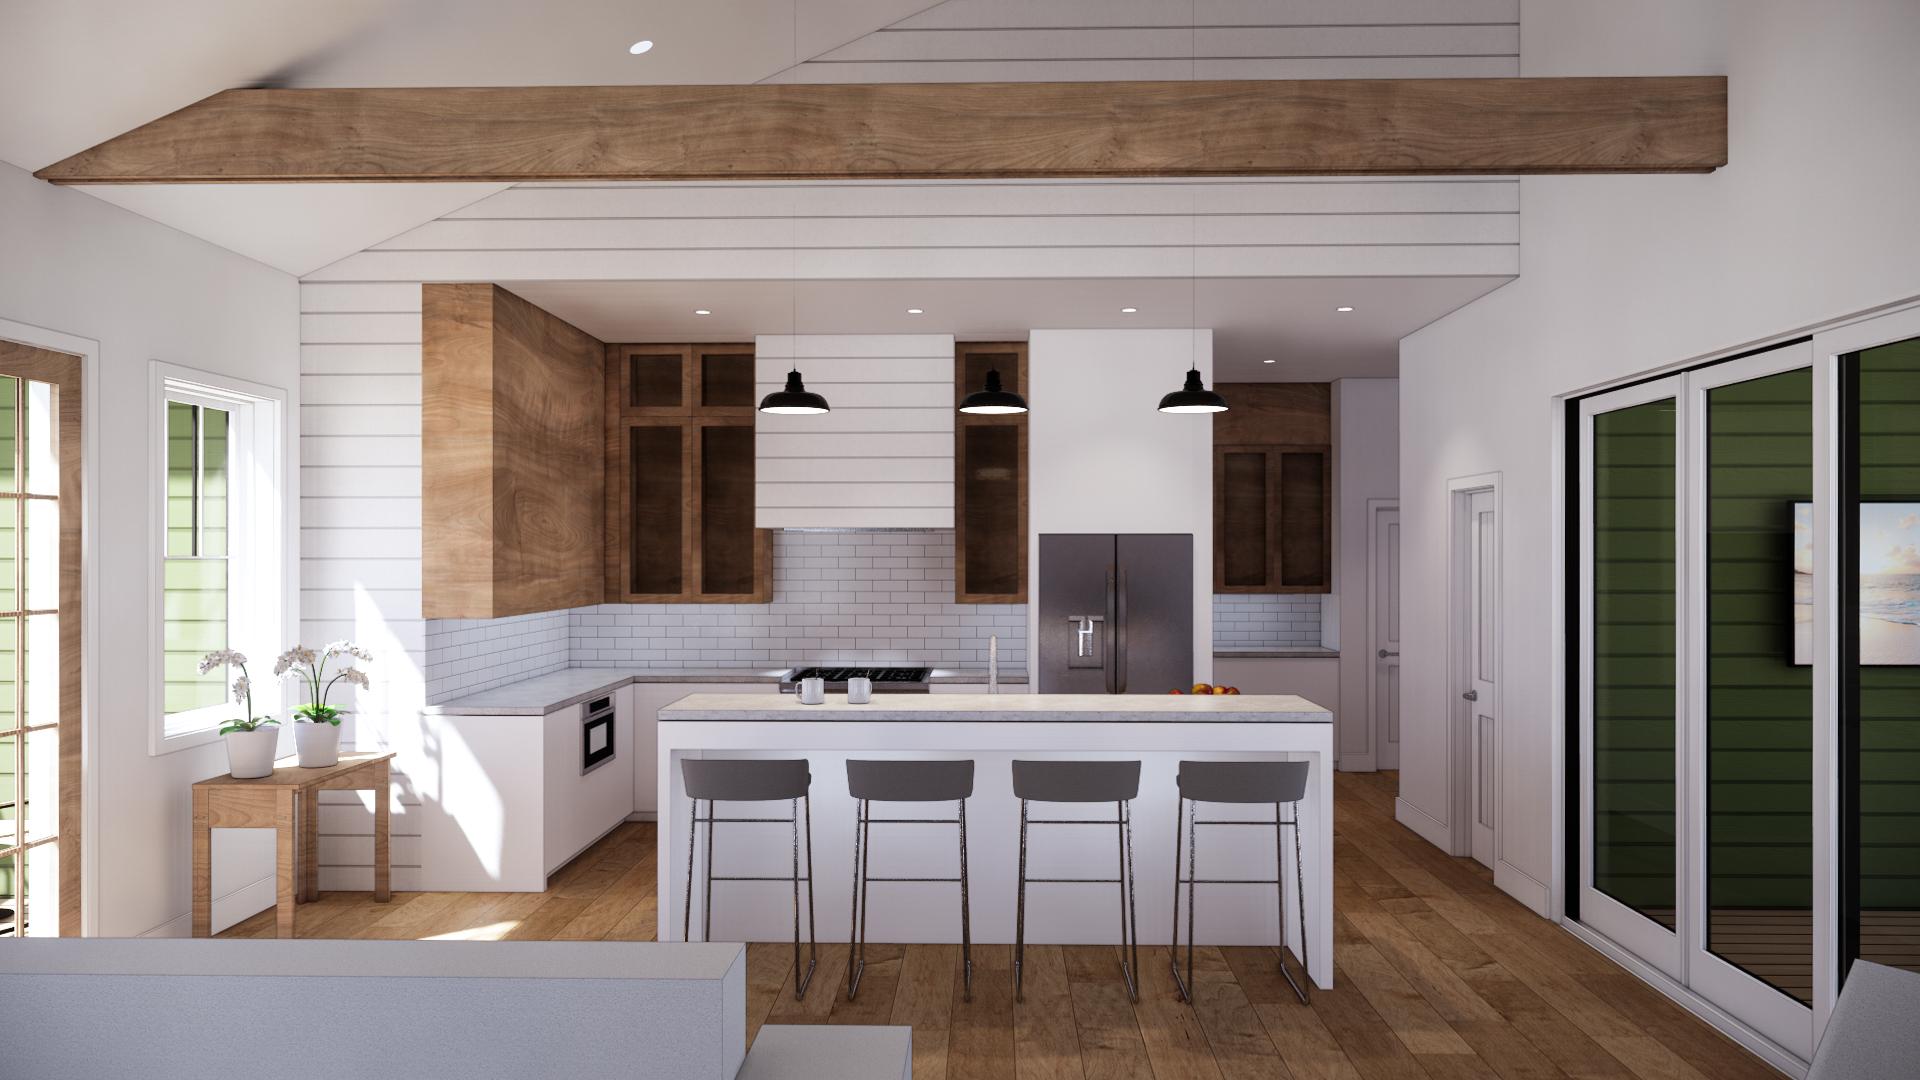 Beach house kitchen.jpg